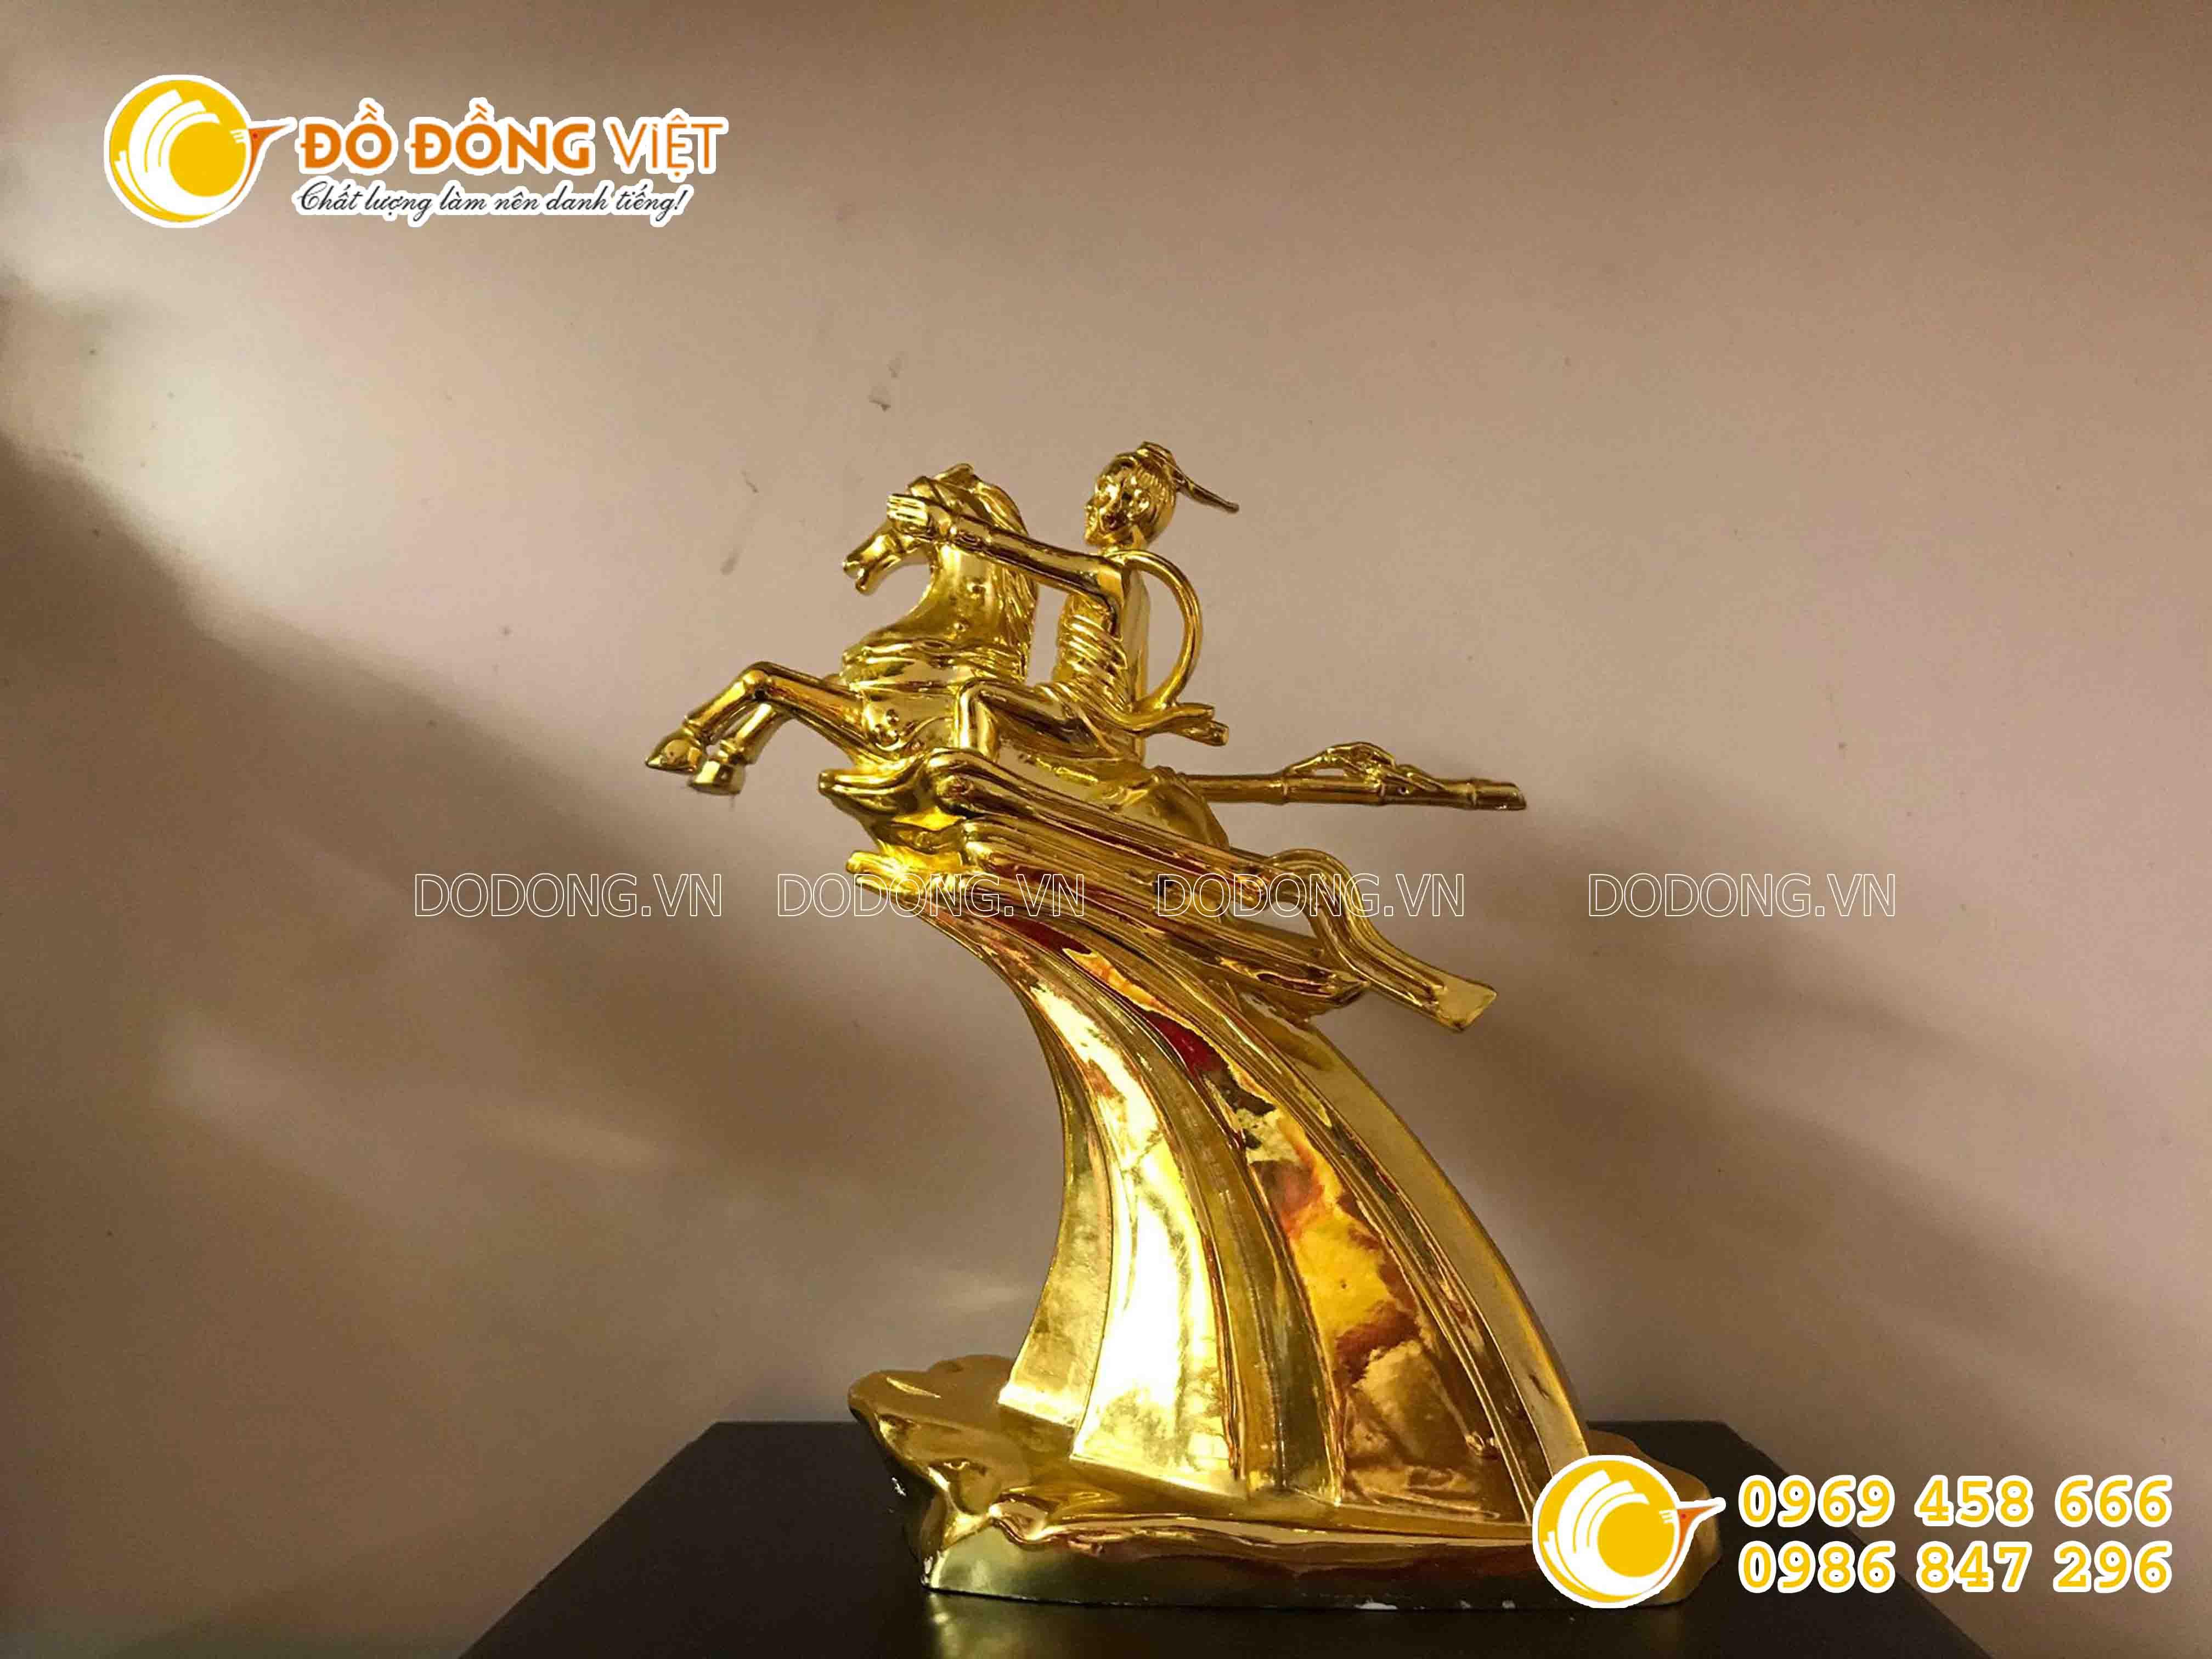 Địa chỉ bán tượng thánh gióng bằng đồng mạ vàng0